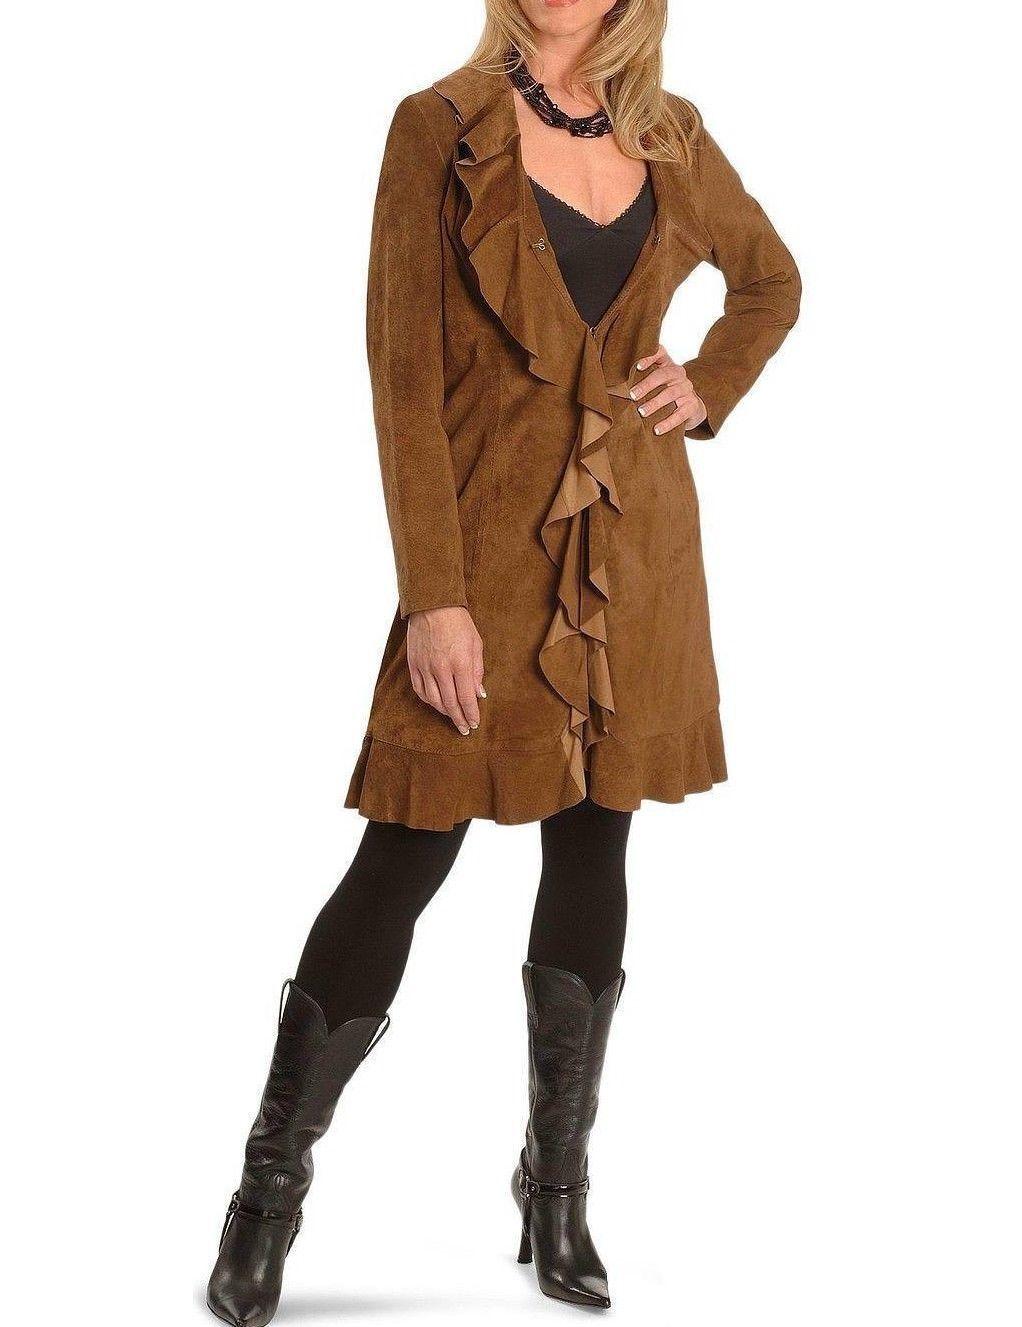 women brown Cuero de Gamuza Volante fruncido Abrigo Dama de Vaca Chaqueta